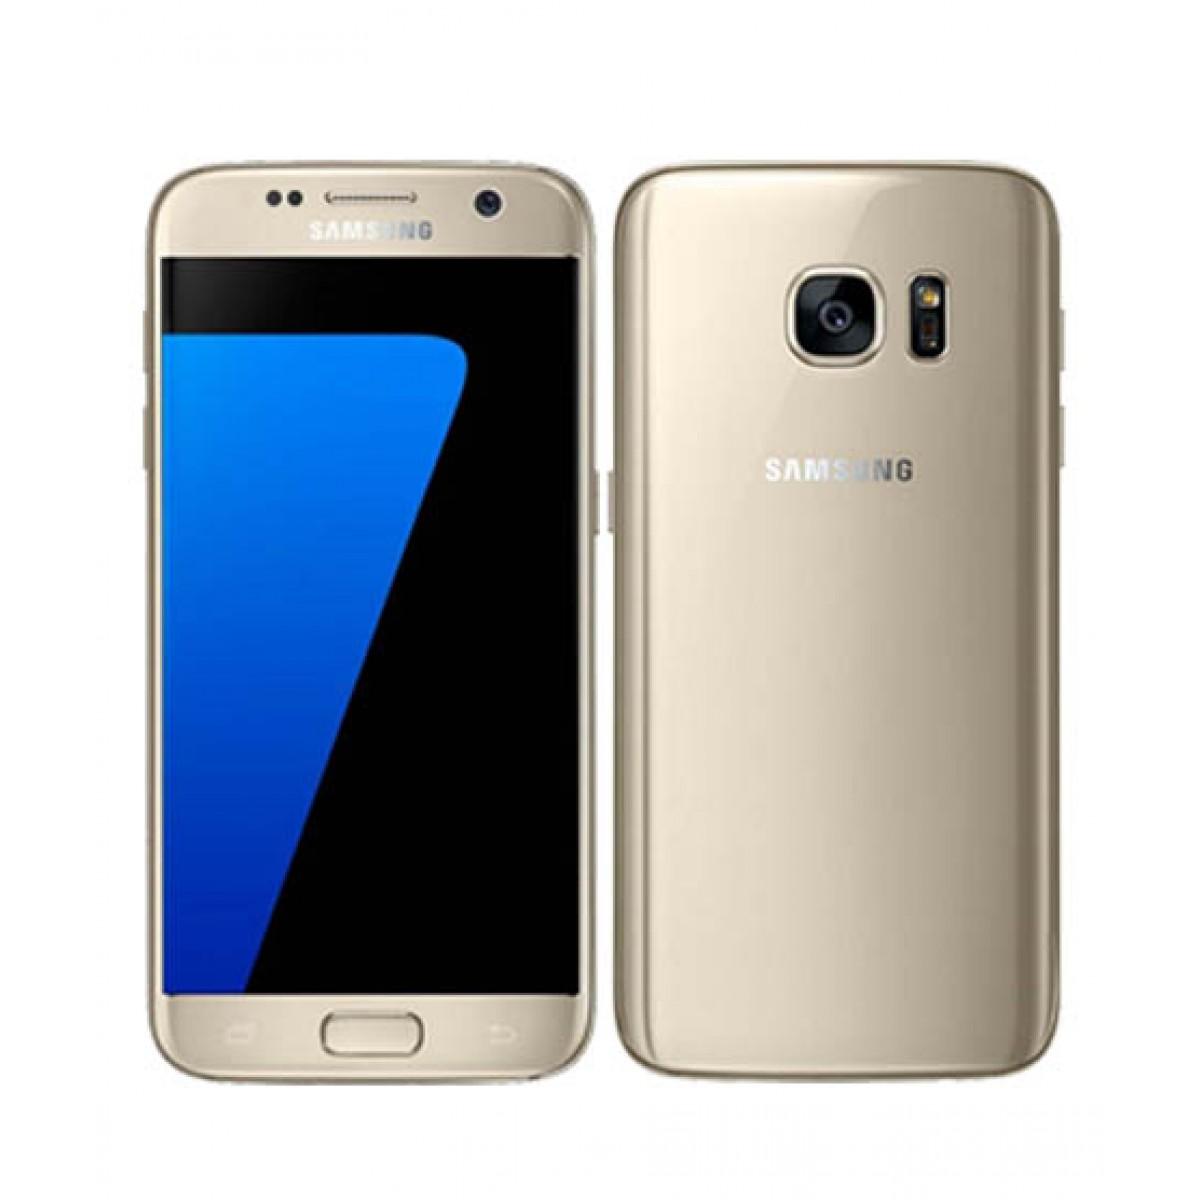 Samsung Galaxy S7 32GB 4G Dual Sim Gold (G930FD)